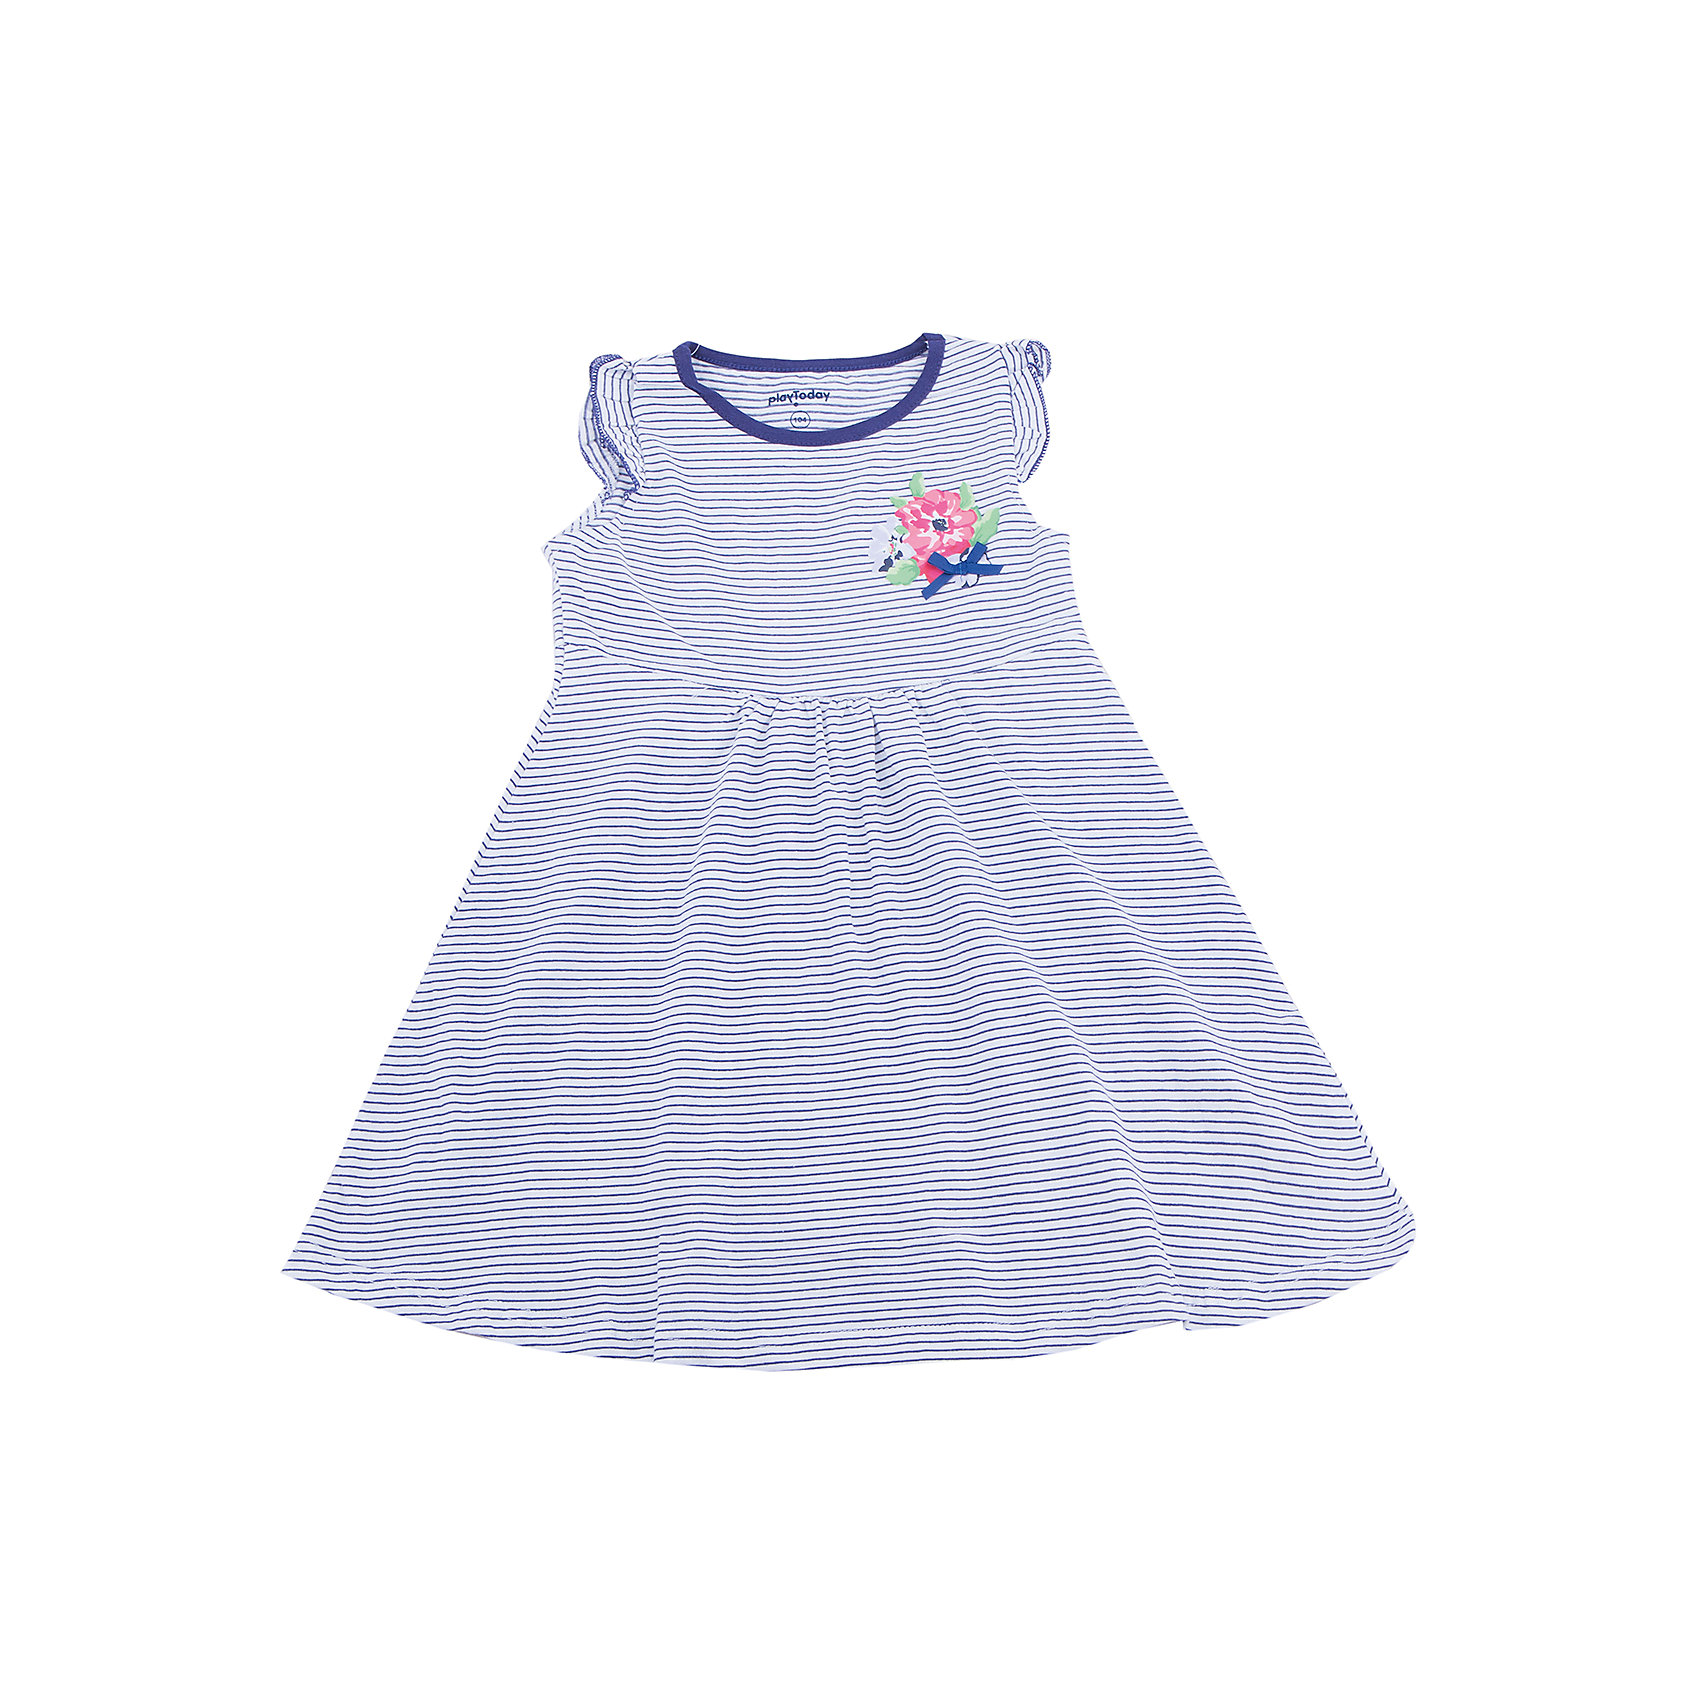 Платье для девочки PlayTodayПлатья и сарафаны<br>Стильное женственное платье. Расклешенная юбка не будет мешать ребенку играть и бегать. Рукава-крылышки придают легкости, а нежные цветочки на фоне контрастных полос смотрятся стильно.<br>Состав:<br>100% хлопок<br><br>Ширина мм: 236<br>Глубина мм: 16<br>Высота мм: 184<br>Вес г: 177<br>Цвет: разноцветный<br>Возраст от месяцев: 72<br>Возраст до месяцев: 84<br>Пол: Женский<br>Возраст: Детский<br>Размер: 122,104,128,110,116,98<br>SKU: 5603797